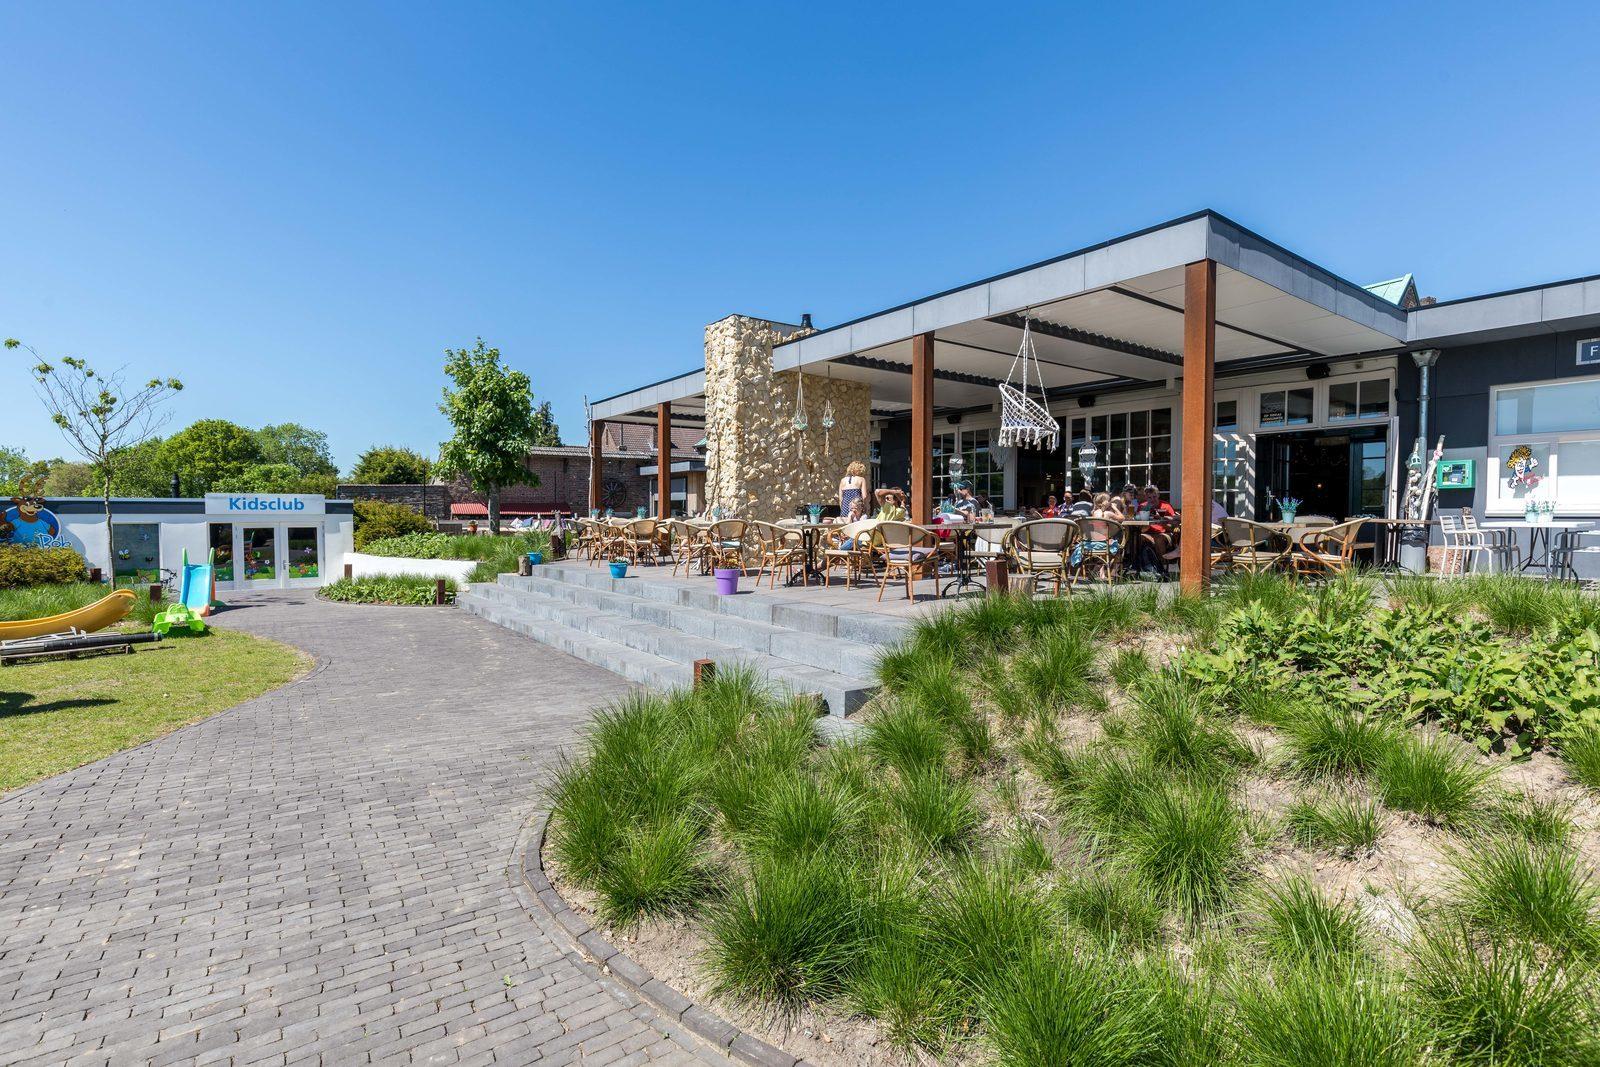 6. bis 8. Juli – Tage der offenen Tür in Zuid-Limburg (Valkenburg)